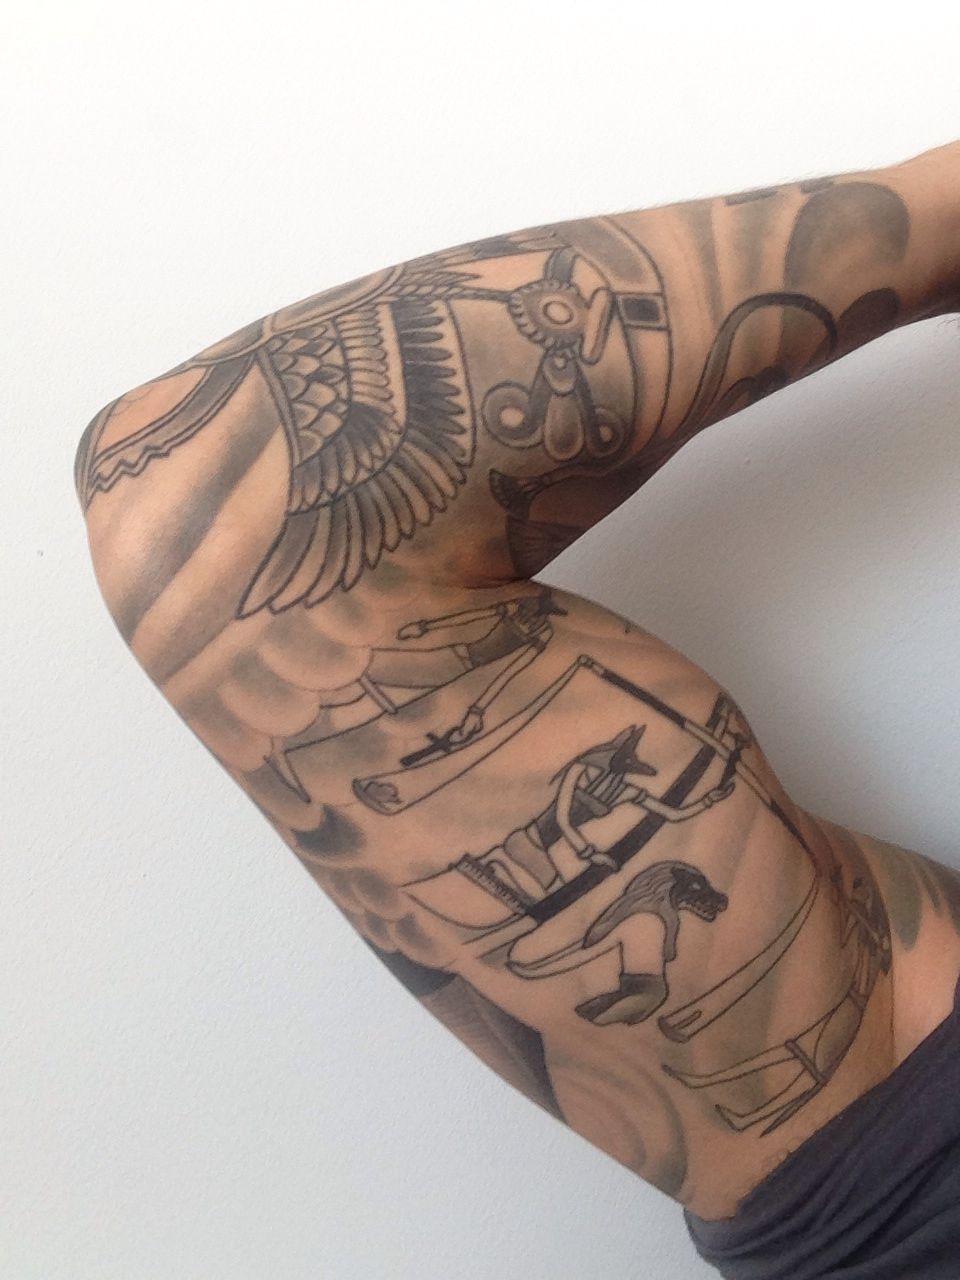 Egyptian tattoo sleeve | Tattoo inspiration | Pinterest ...